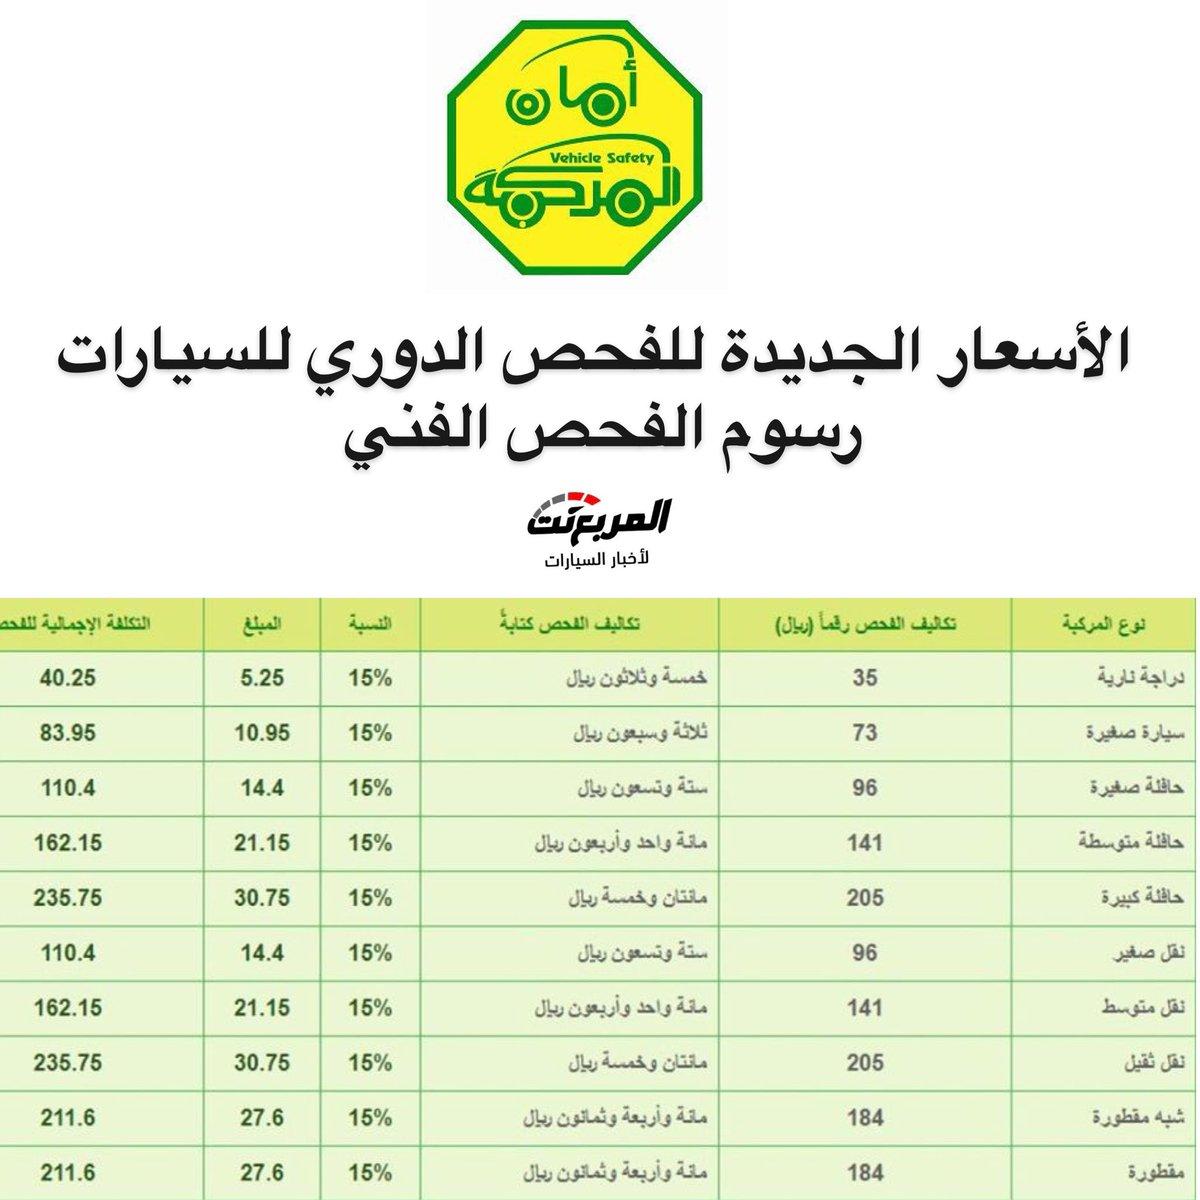 المربع نت On Twitter الفحص الدوري السعودي تم تعديل أسعار الفحص الفني للسيارات ورسوم إعادته